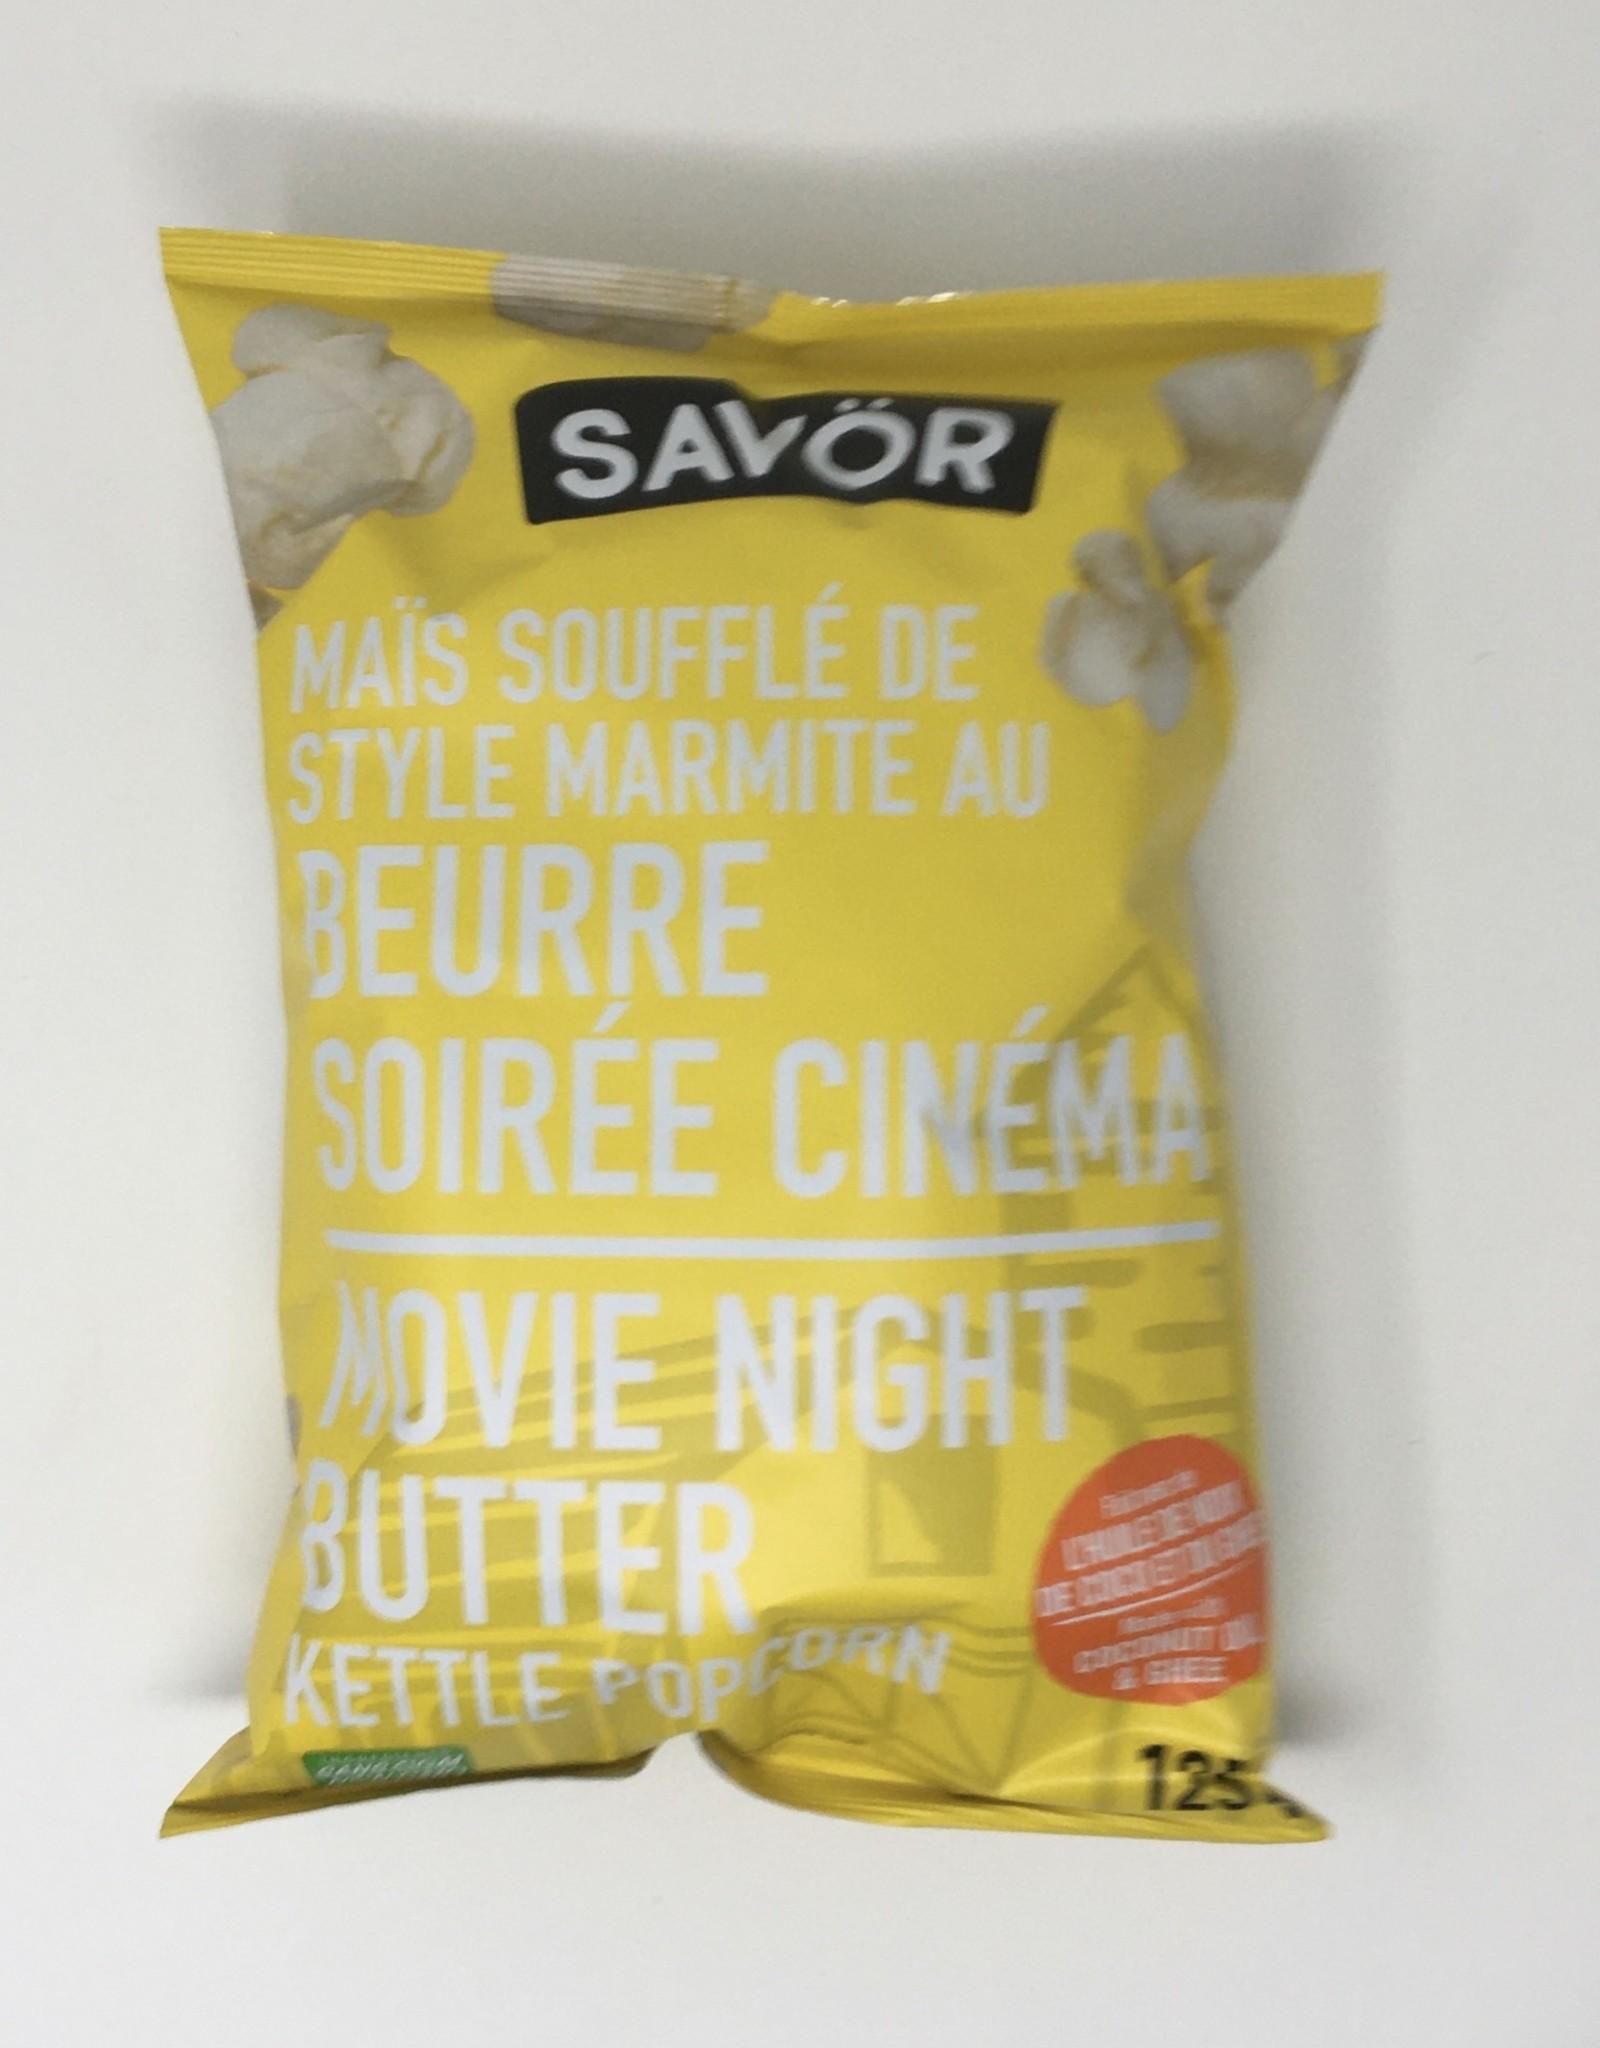 Savor Savor - Kettle Popcorn, Movie Night Butter (125g)